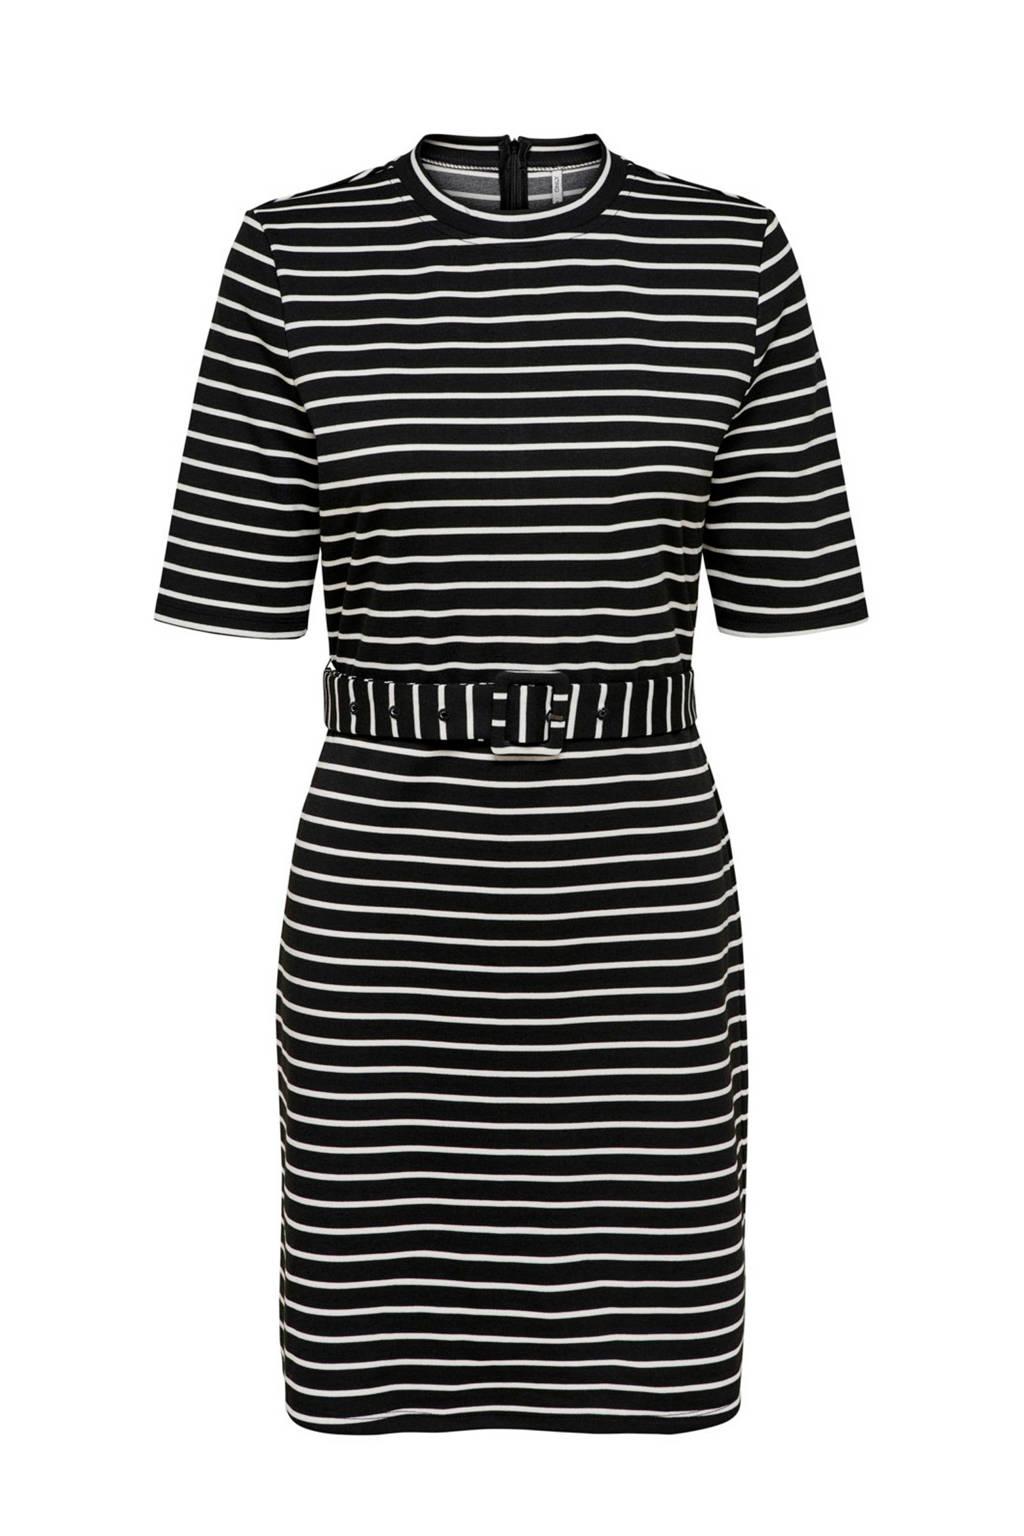 ONLY gestreepte jersey jurk zwart/wit, Zwart/wit